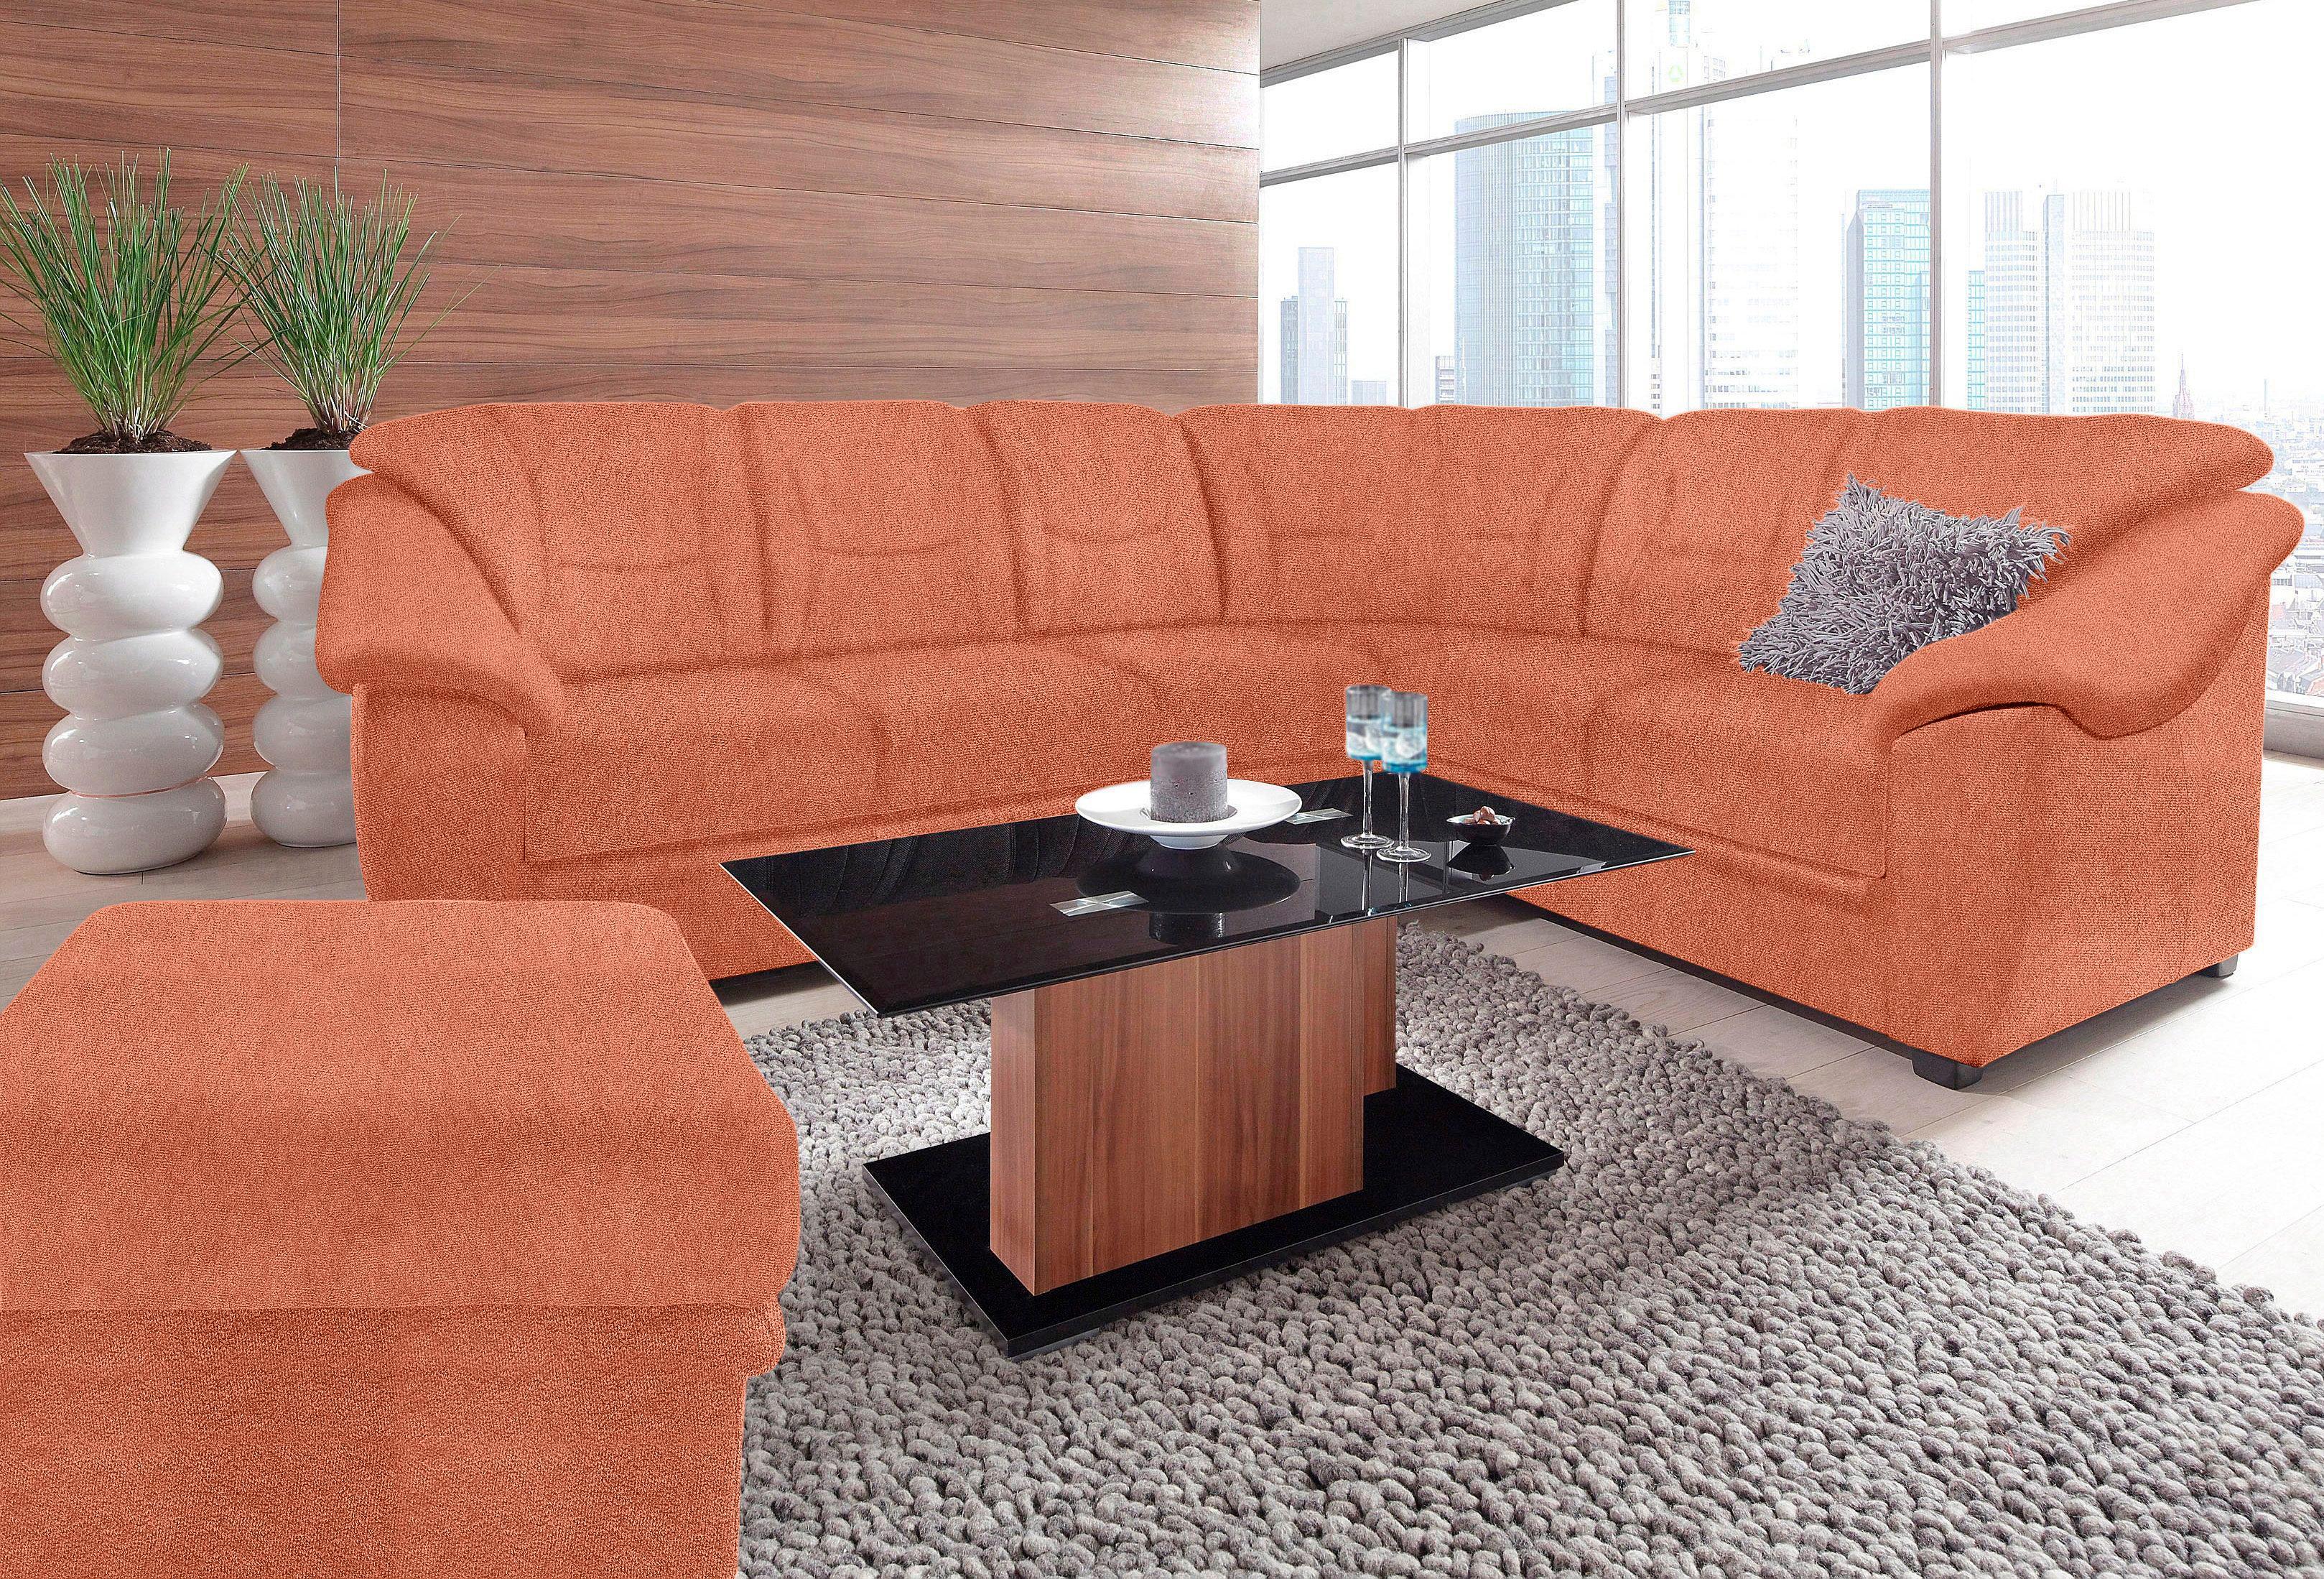 sit&more Ecksofa | Wohnzimmer > Sofas & Couches > Ecksofas & Eckcouches | Braun | Microfaser - Strukturstoff - Polyester | SIT&MORE